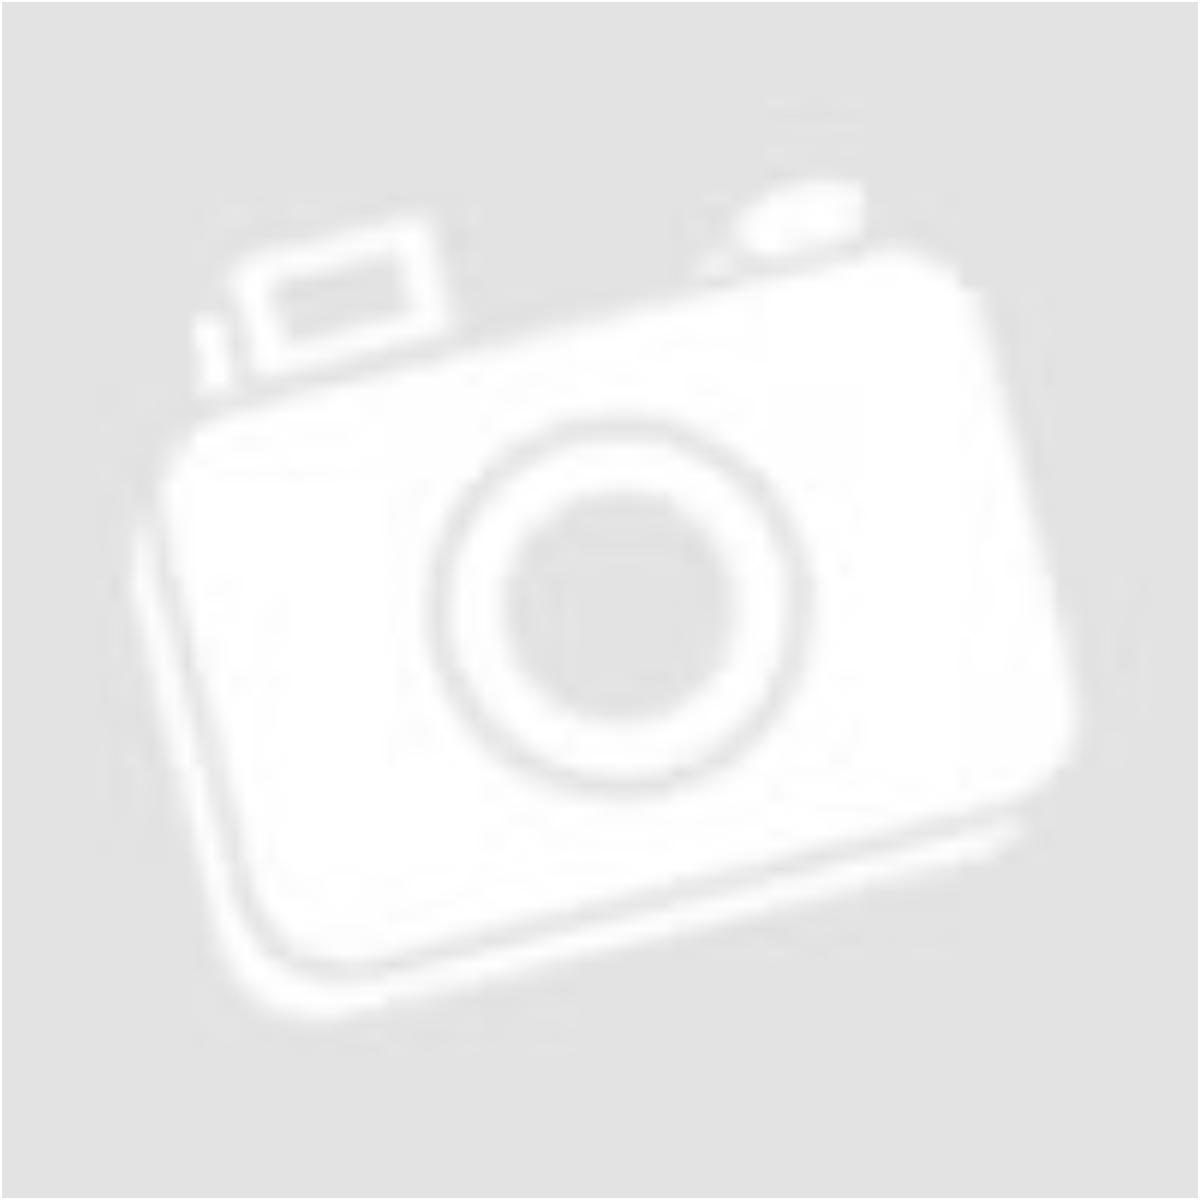 BIANCHI VIA NIRONE 7 ALLROAD TIAGRA 10sp COMPACT Allroad kerékpár